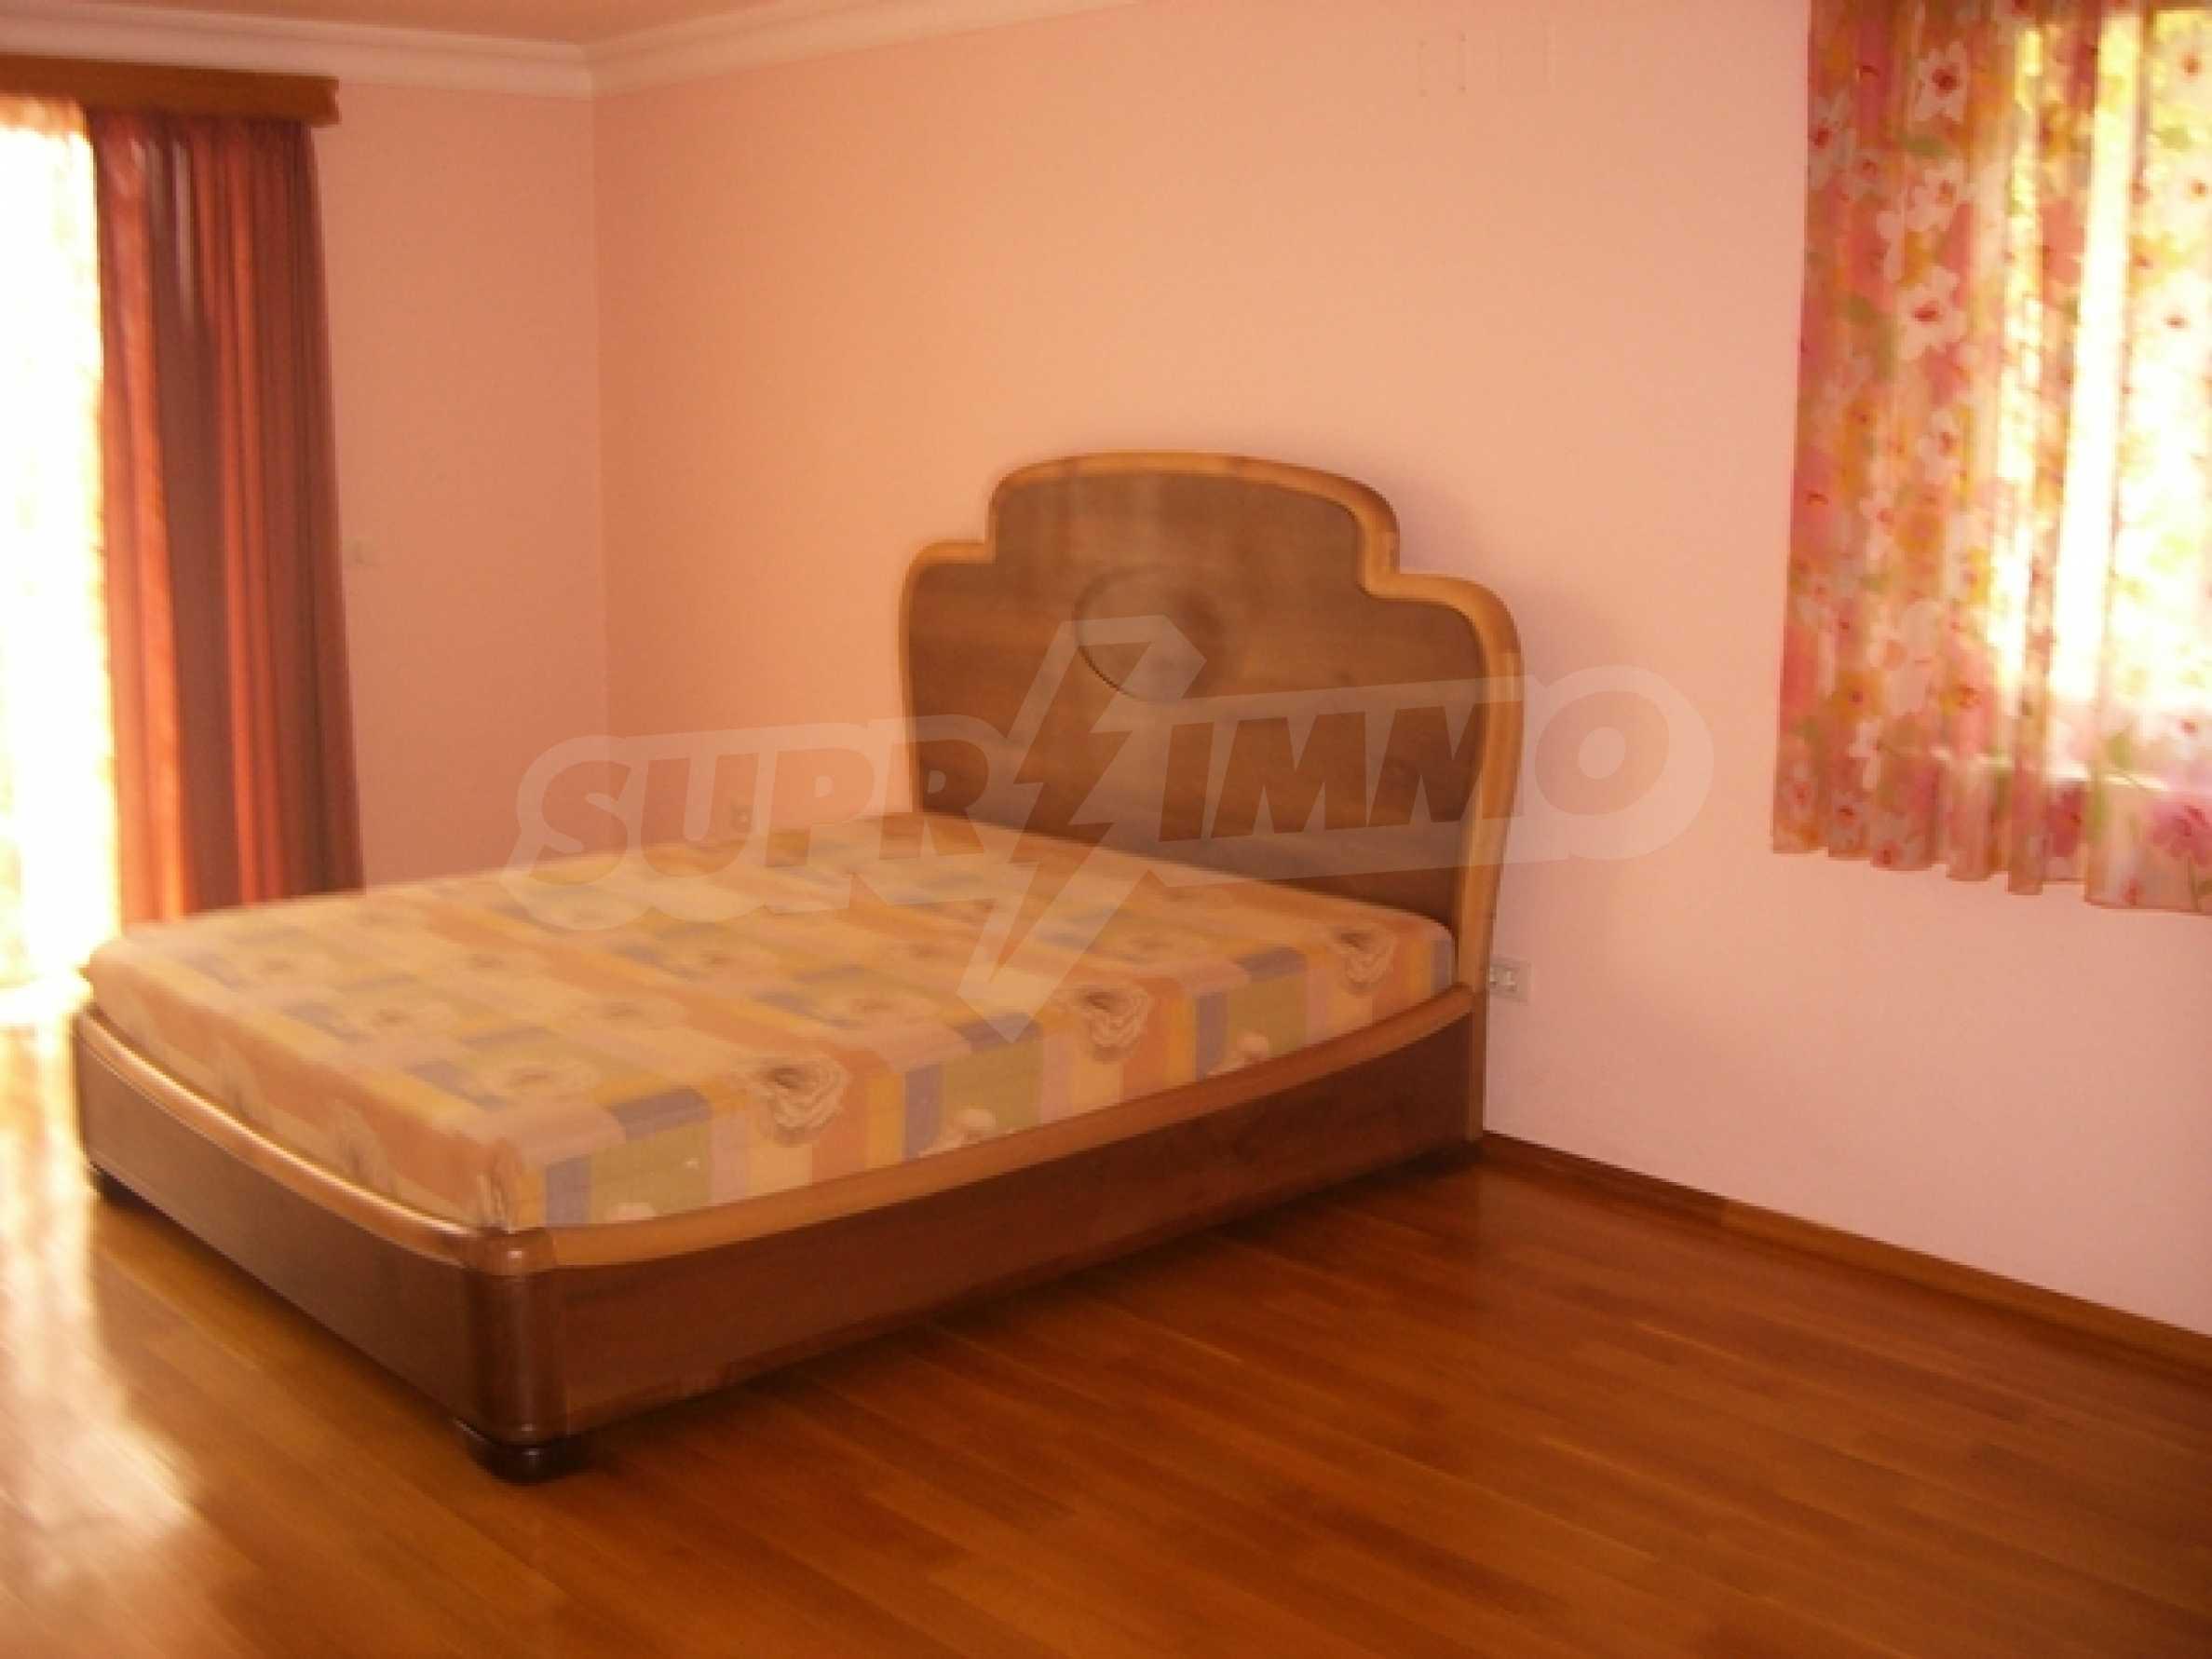 Residenz bulgarischen Traumhaus 32